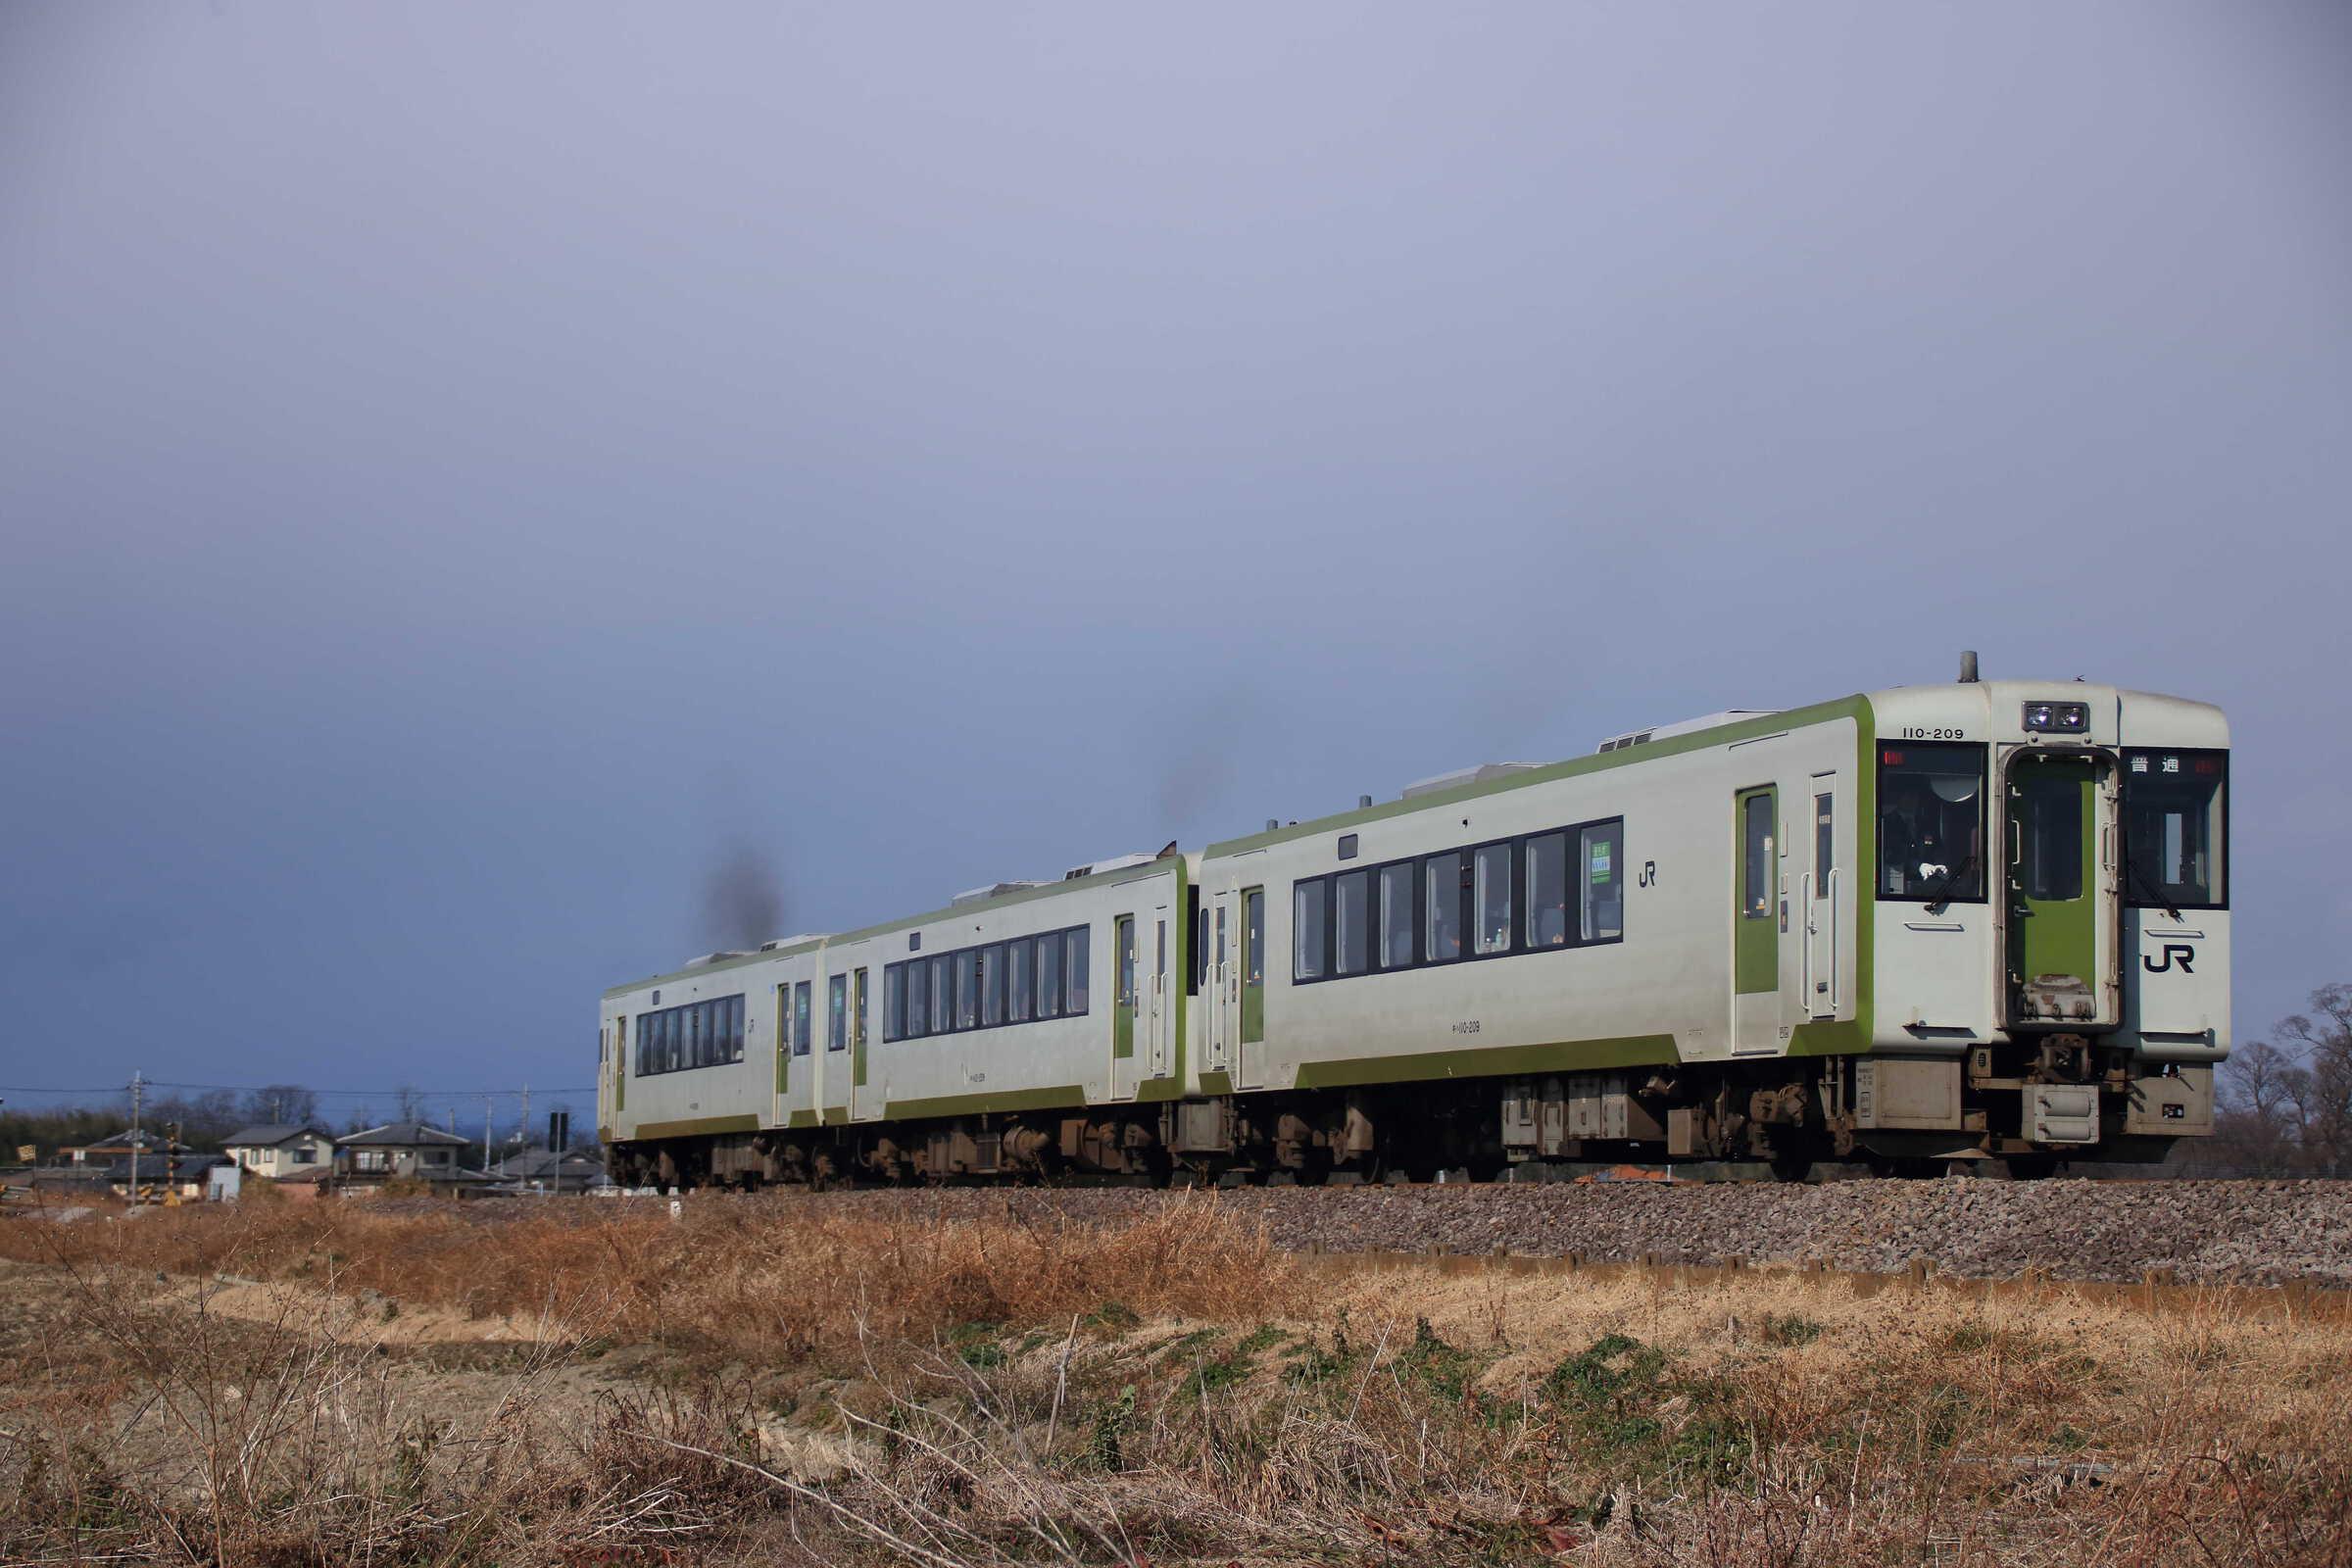 235D キハ110系 高タカ車3両(キハ111-209+キハ112-209+キハ110-209)